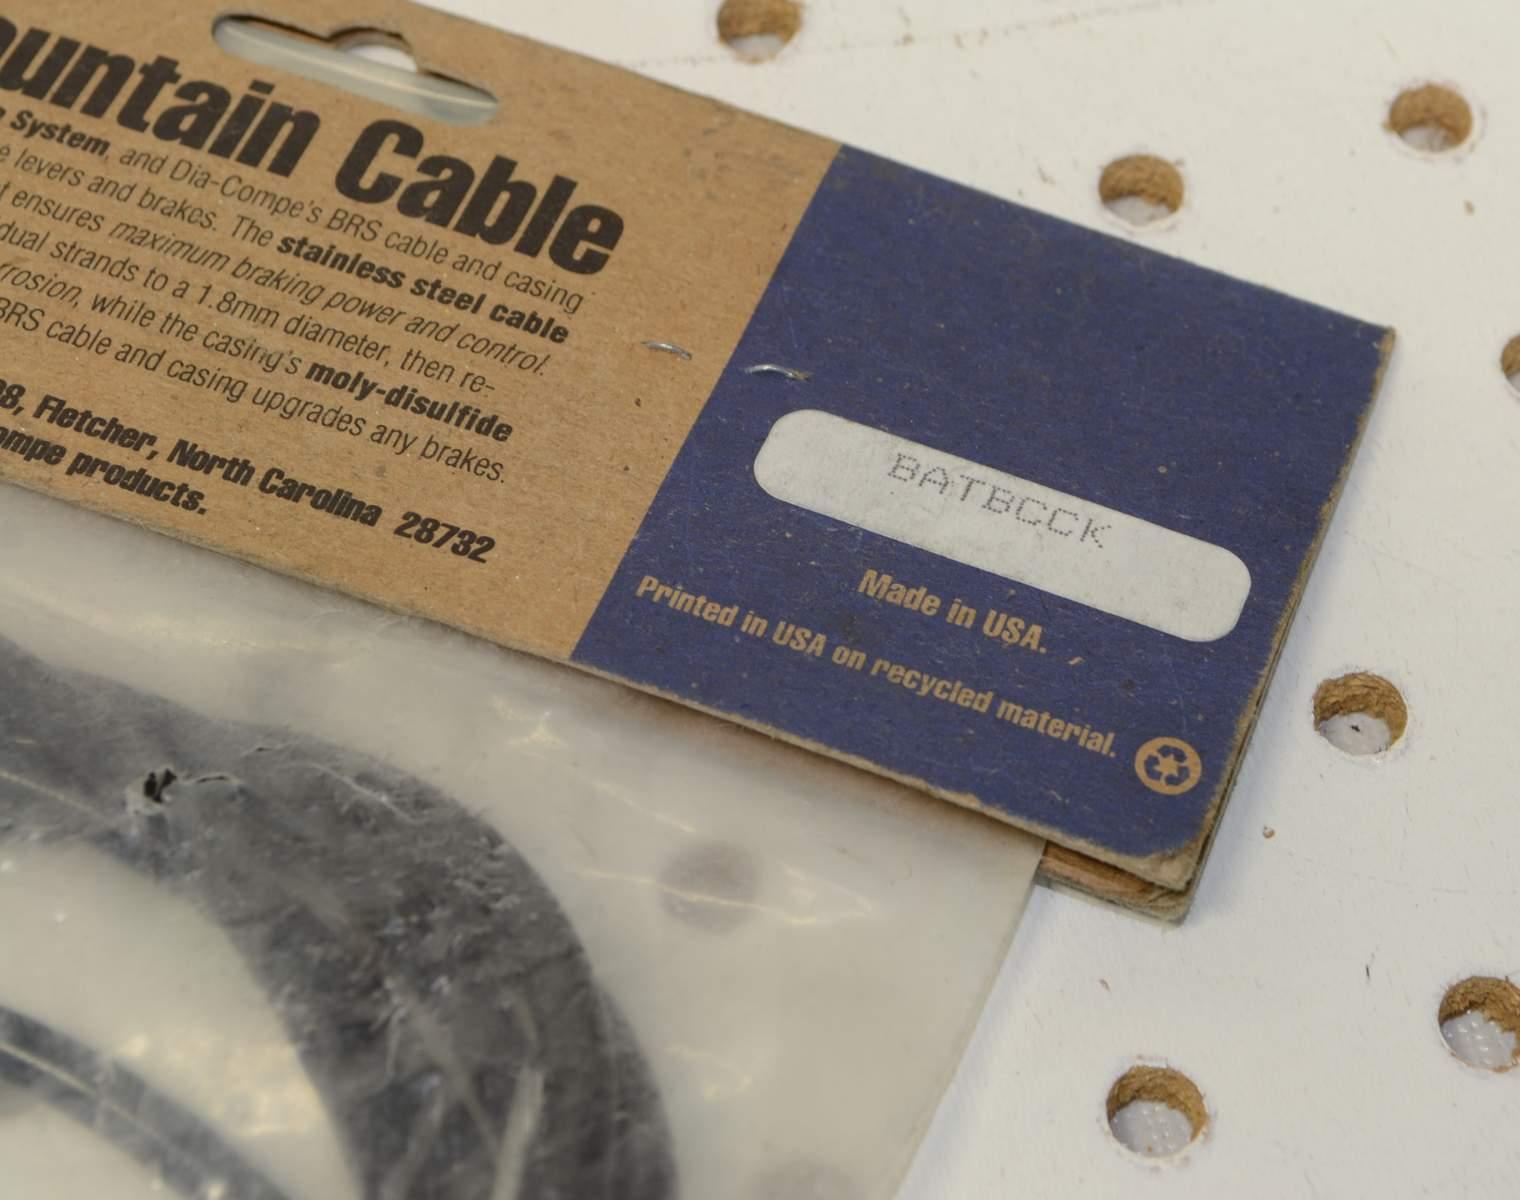 http://uploads.bmxmuseum.com/user-images/17782/dia-compe-brake-cable...65bf9de53e4.jpg